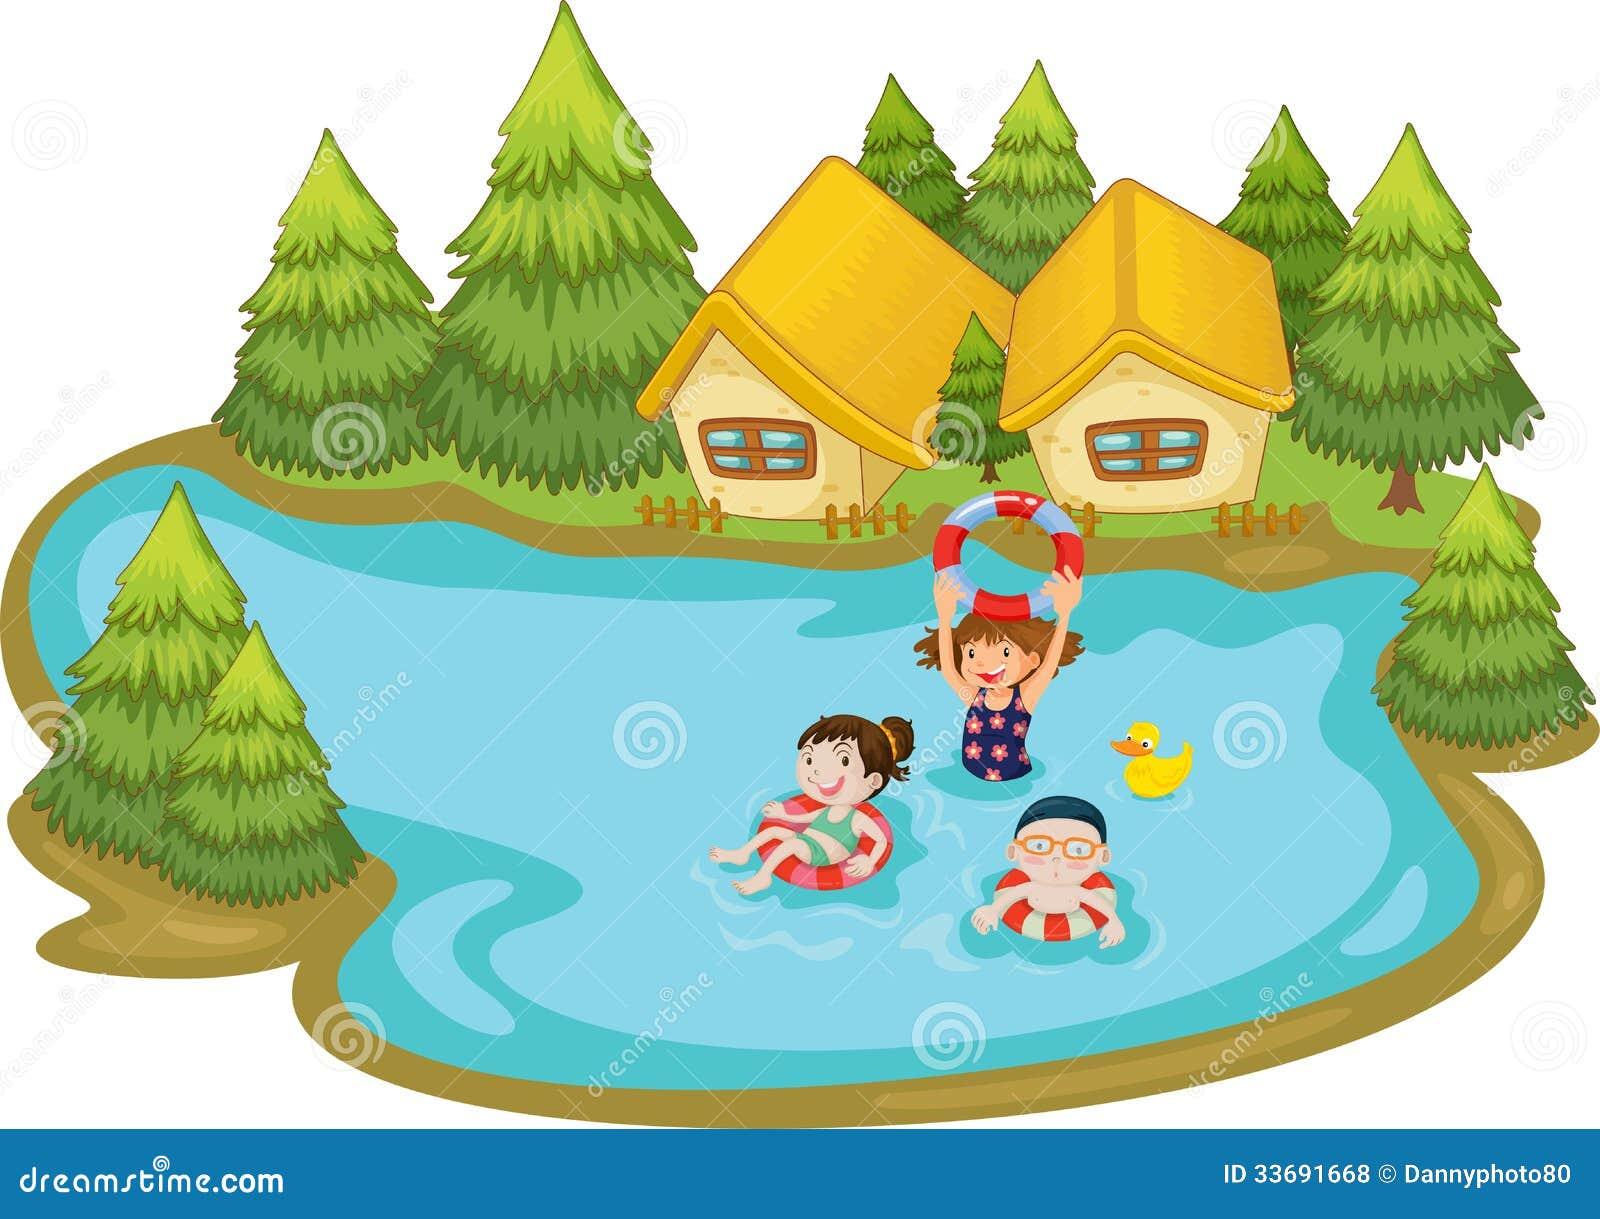 Kids Swimming In A Lake kids swimming lake stock illustrations – 77 kids swimming lake